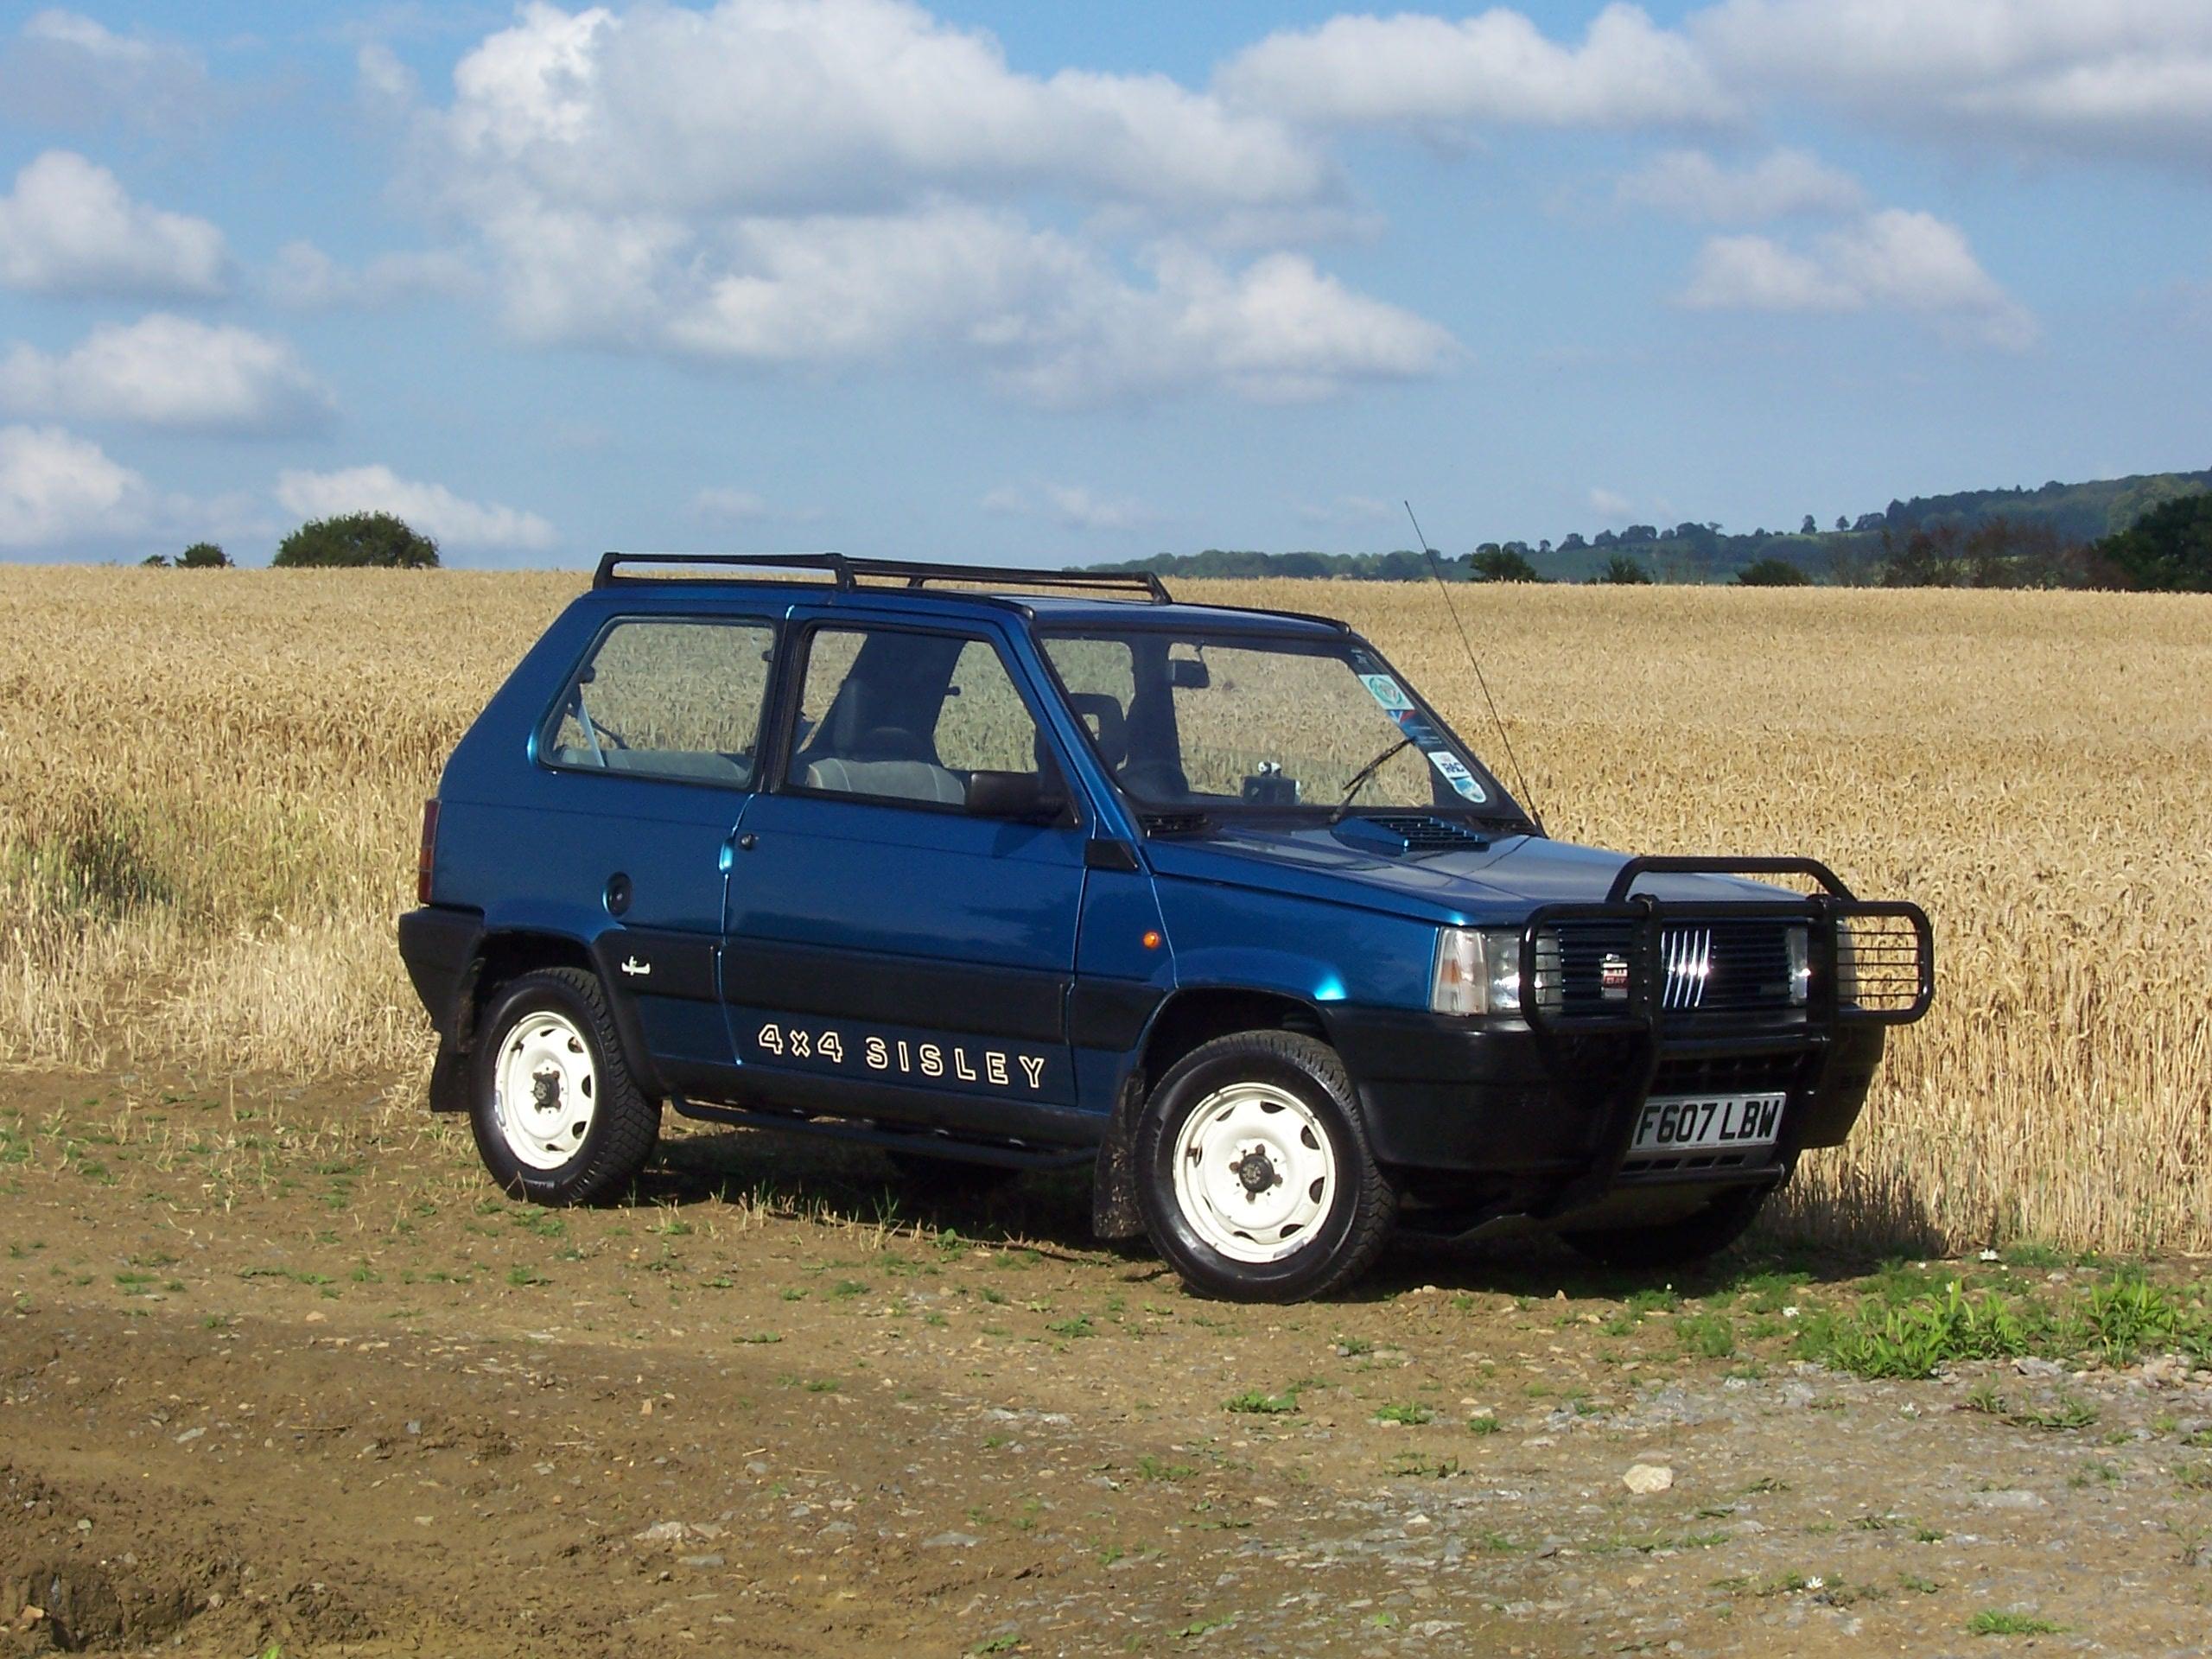 Fiat panda 4x4 sisley off road for Panda 4x4 sisley off road